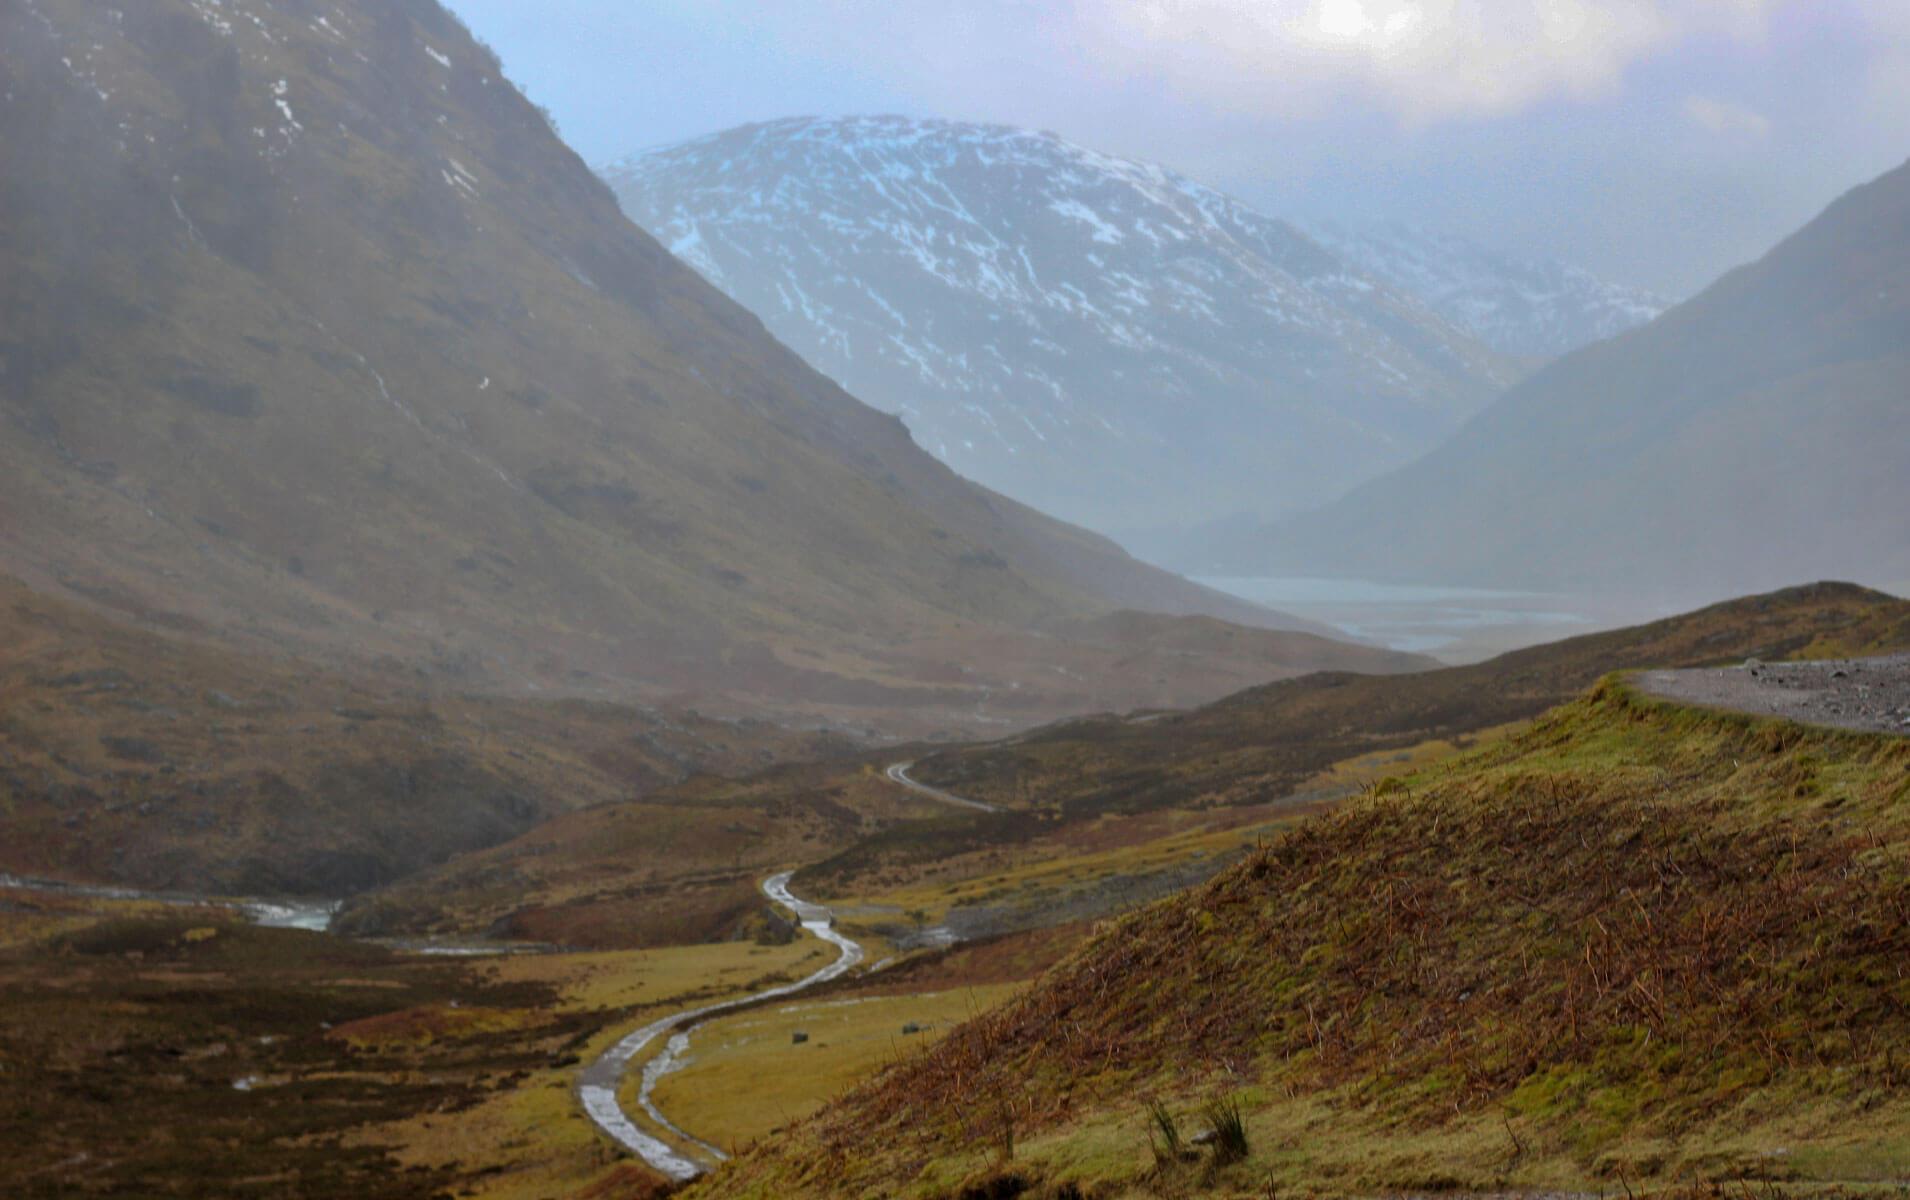 Glencoe Schlucht Schottland